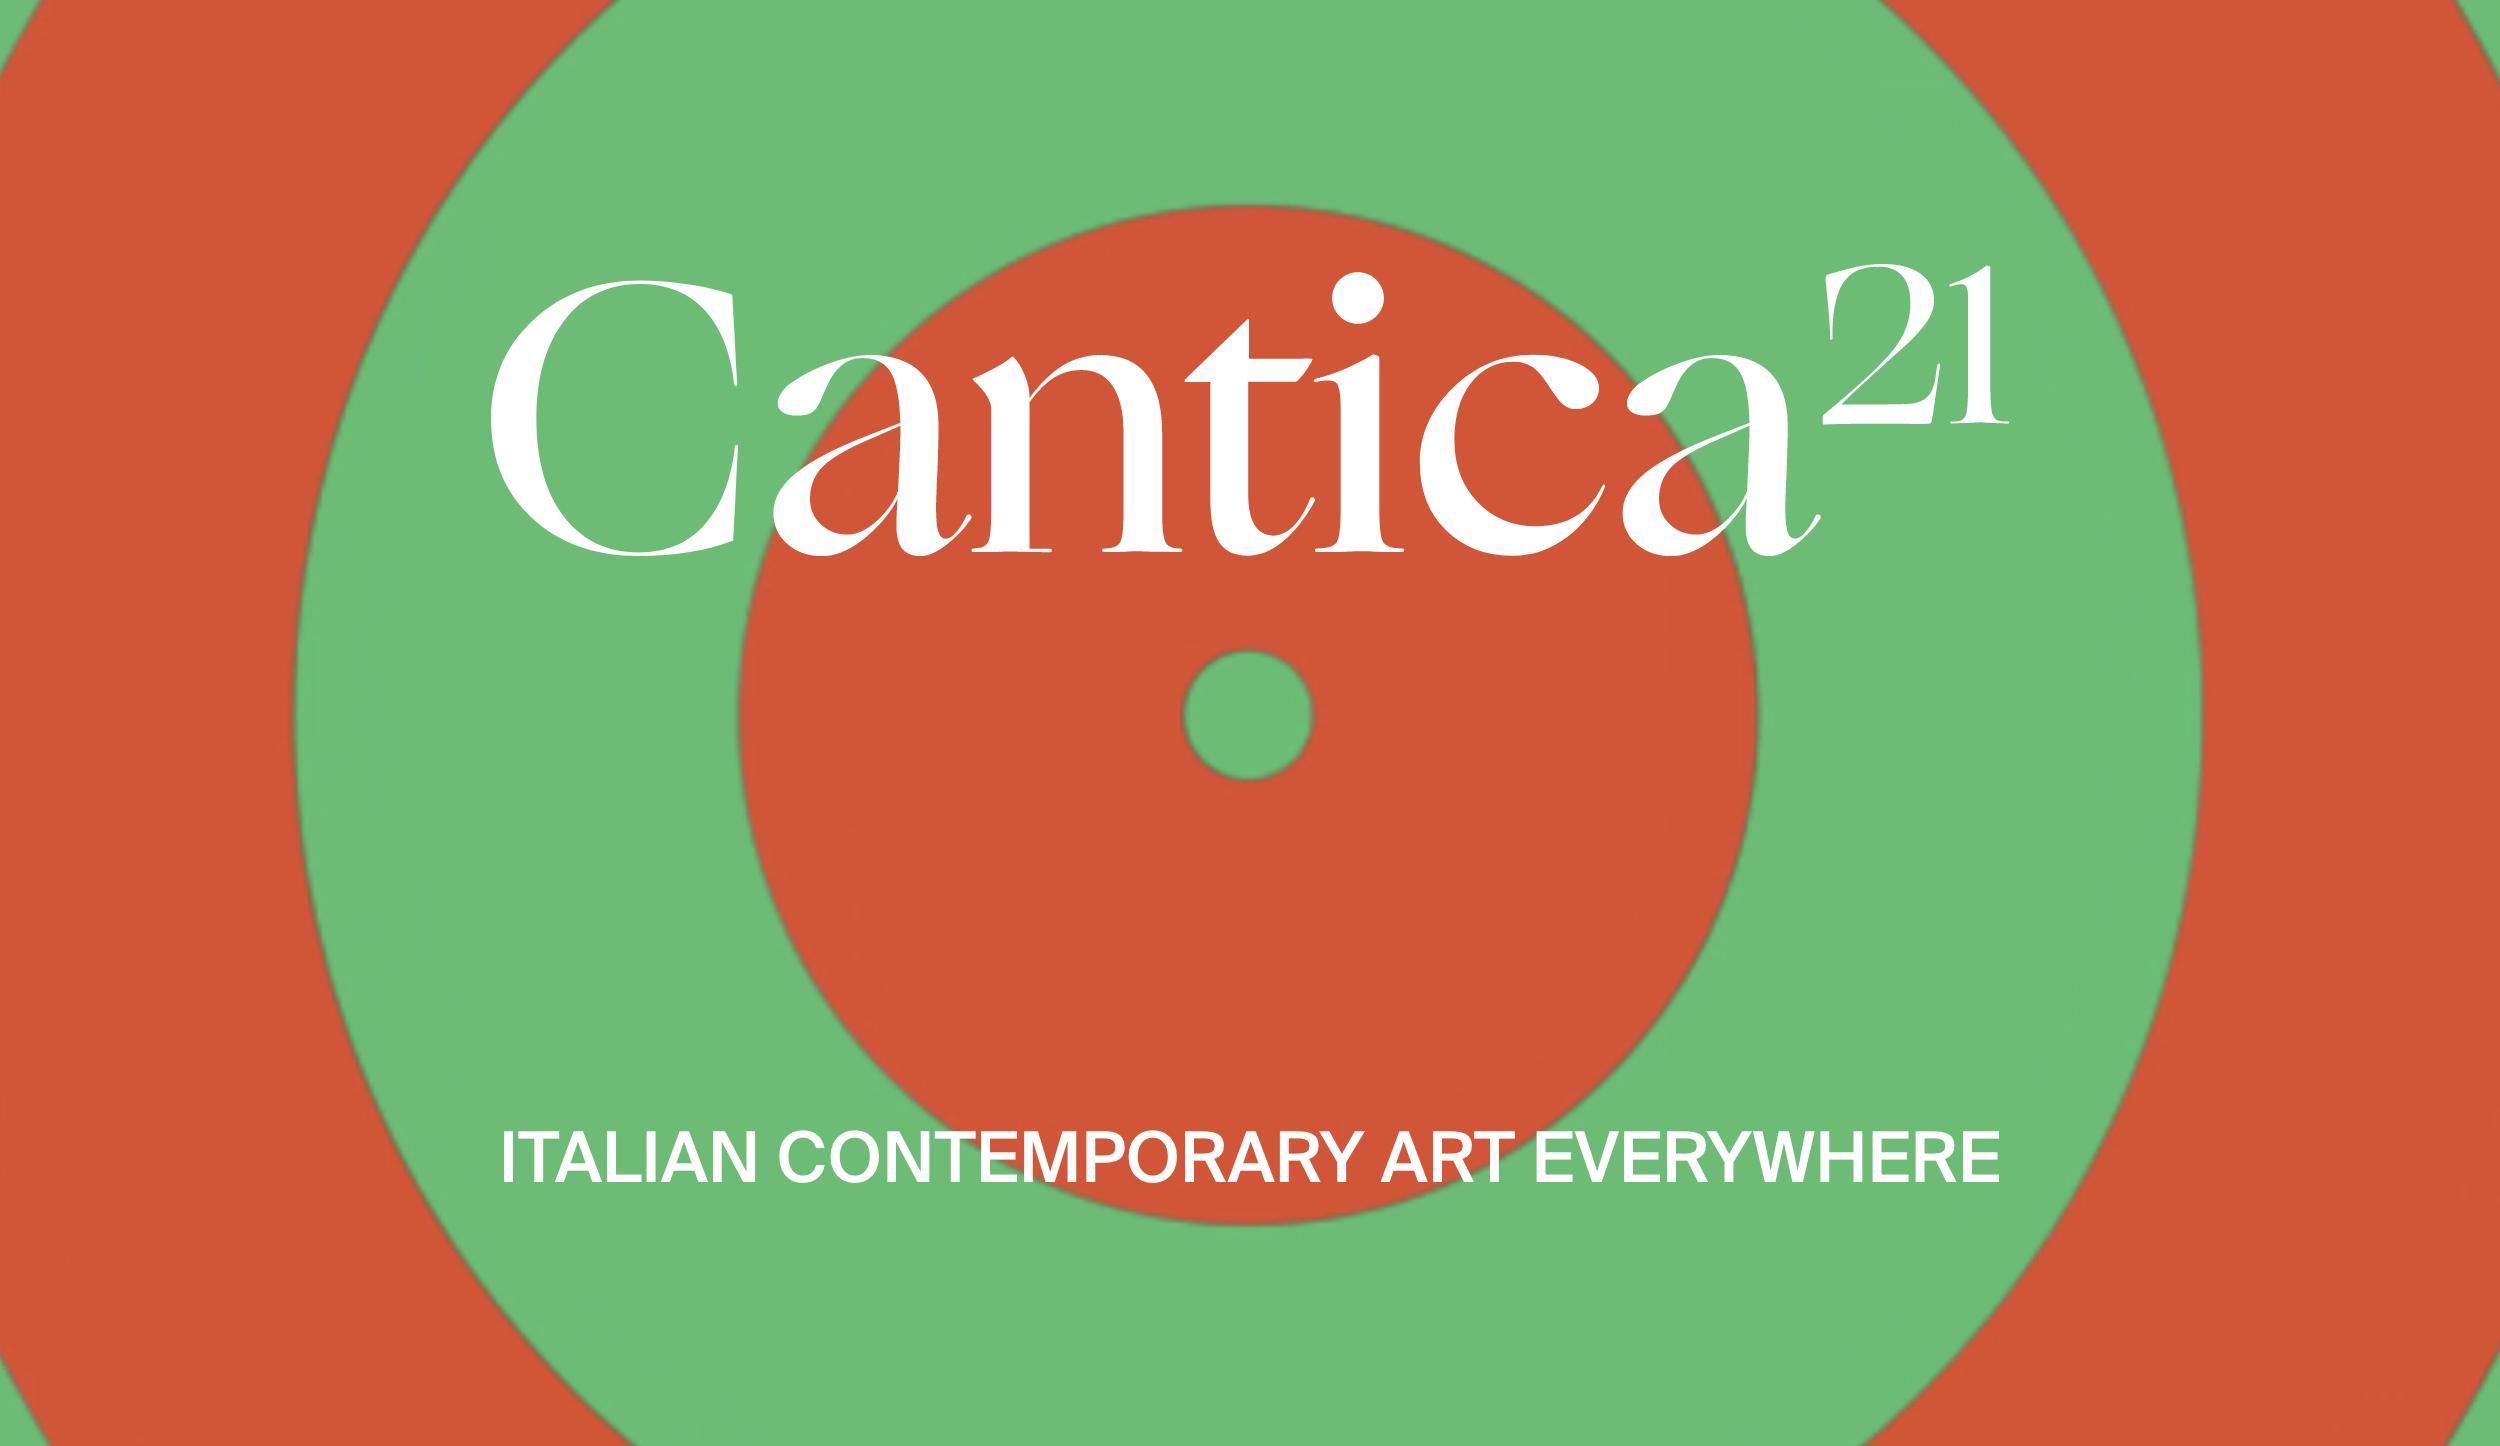 cantica21